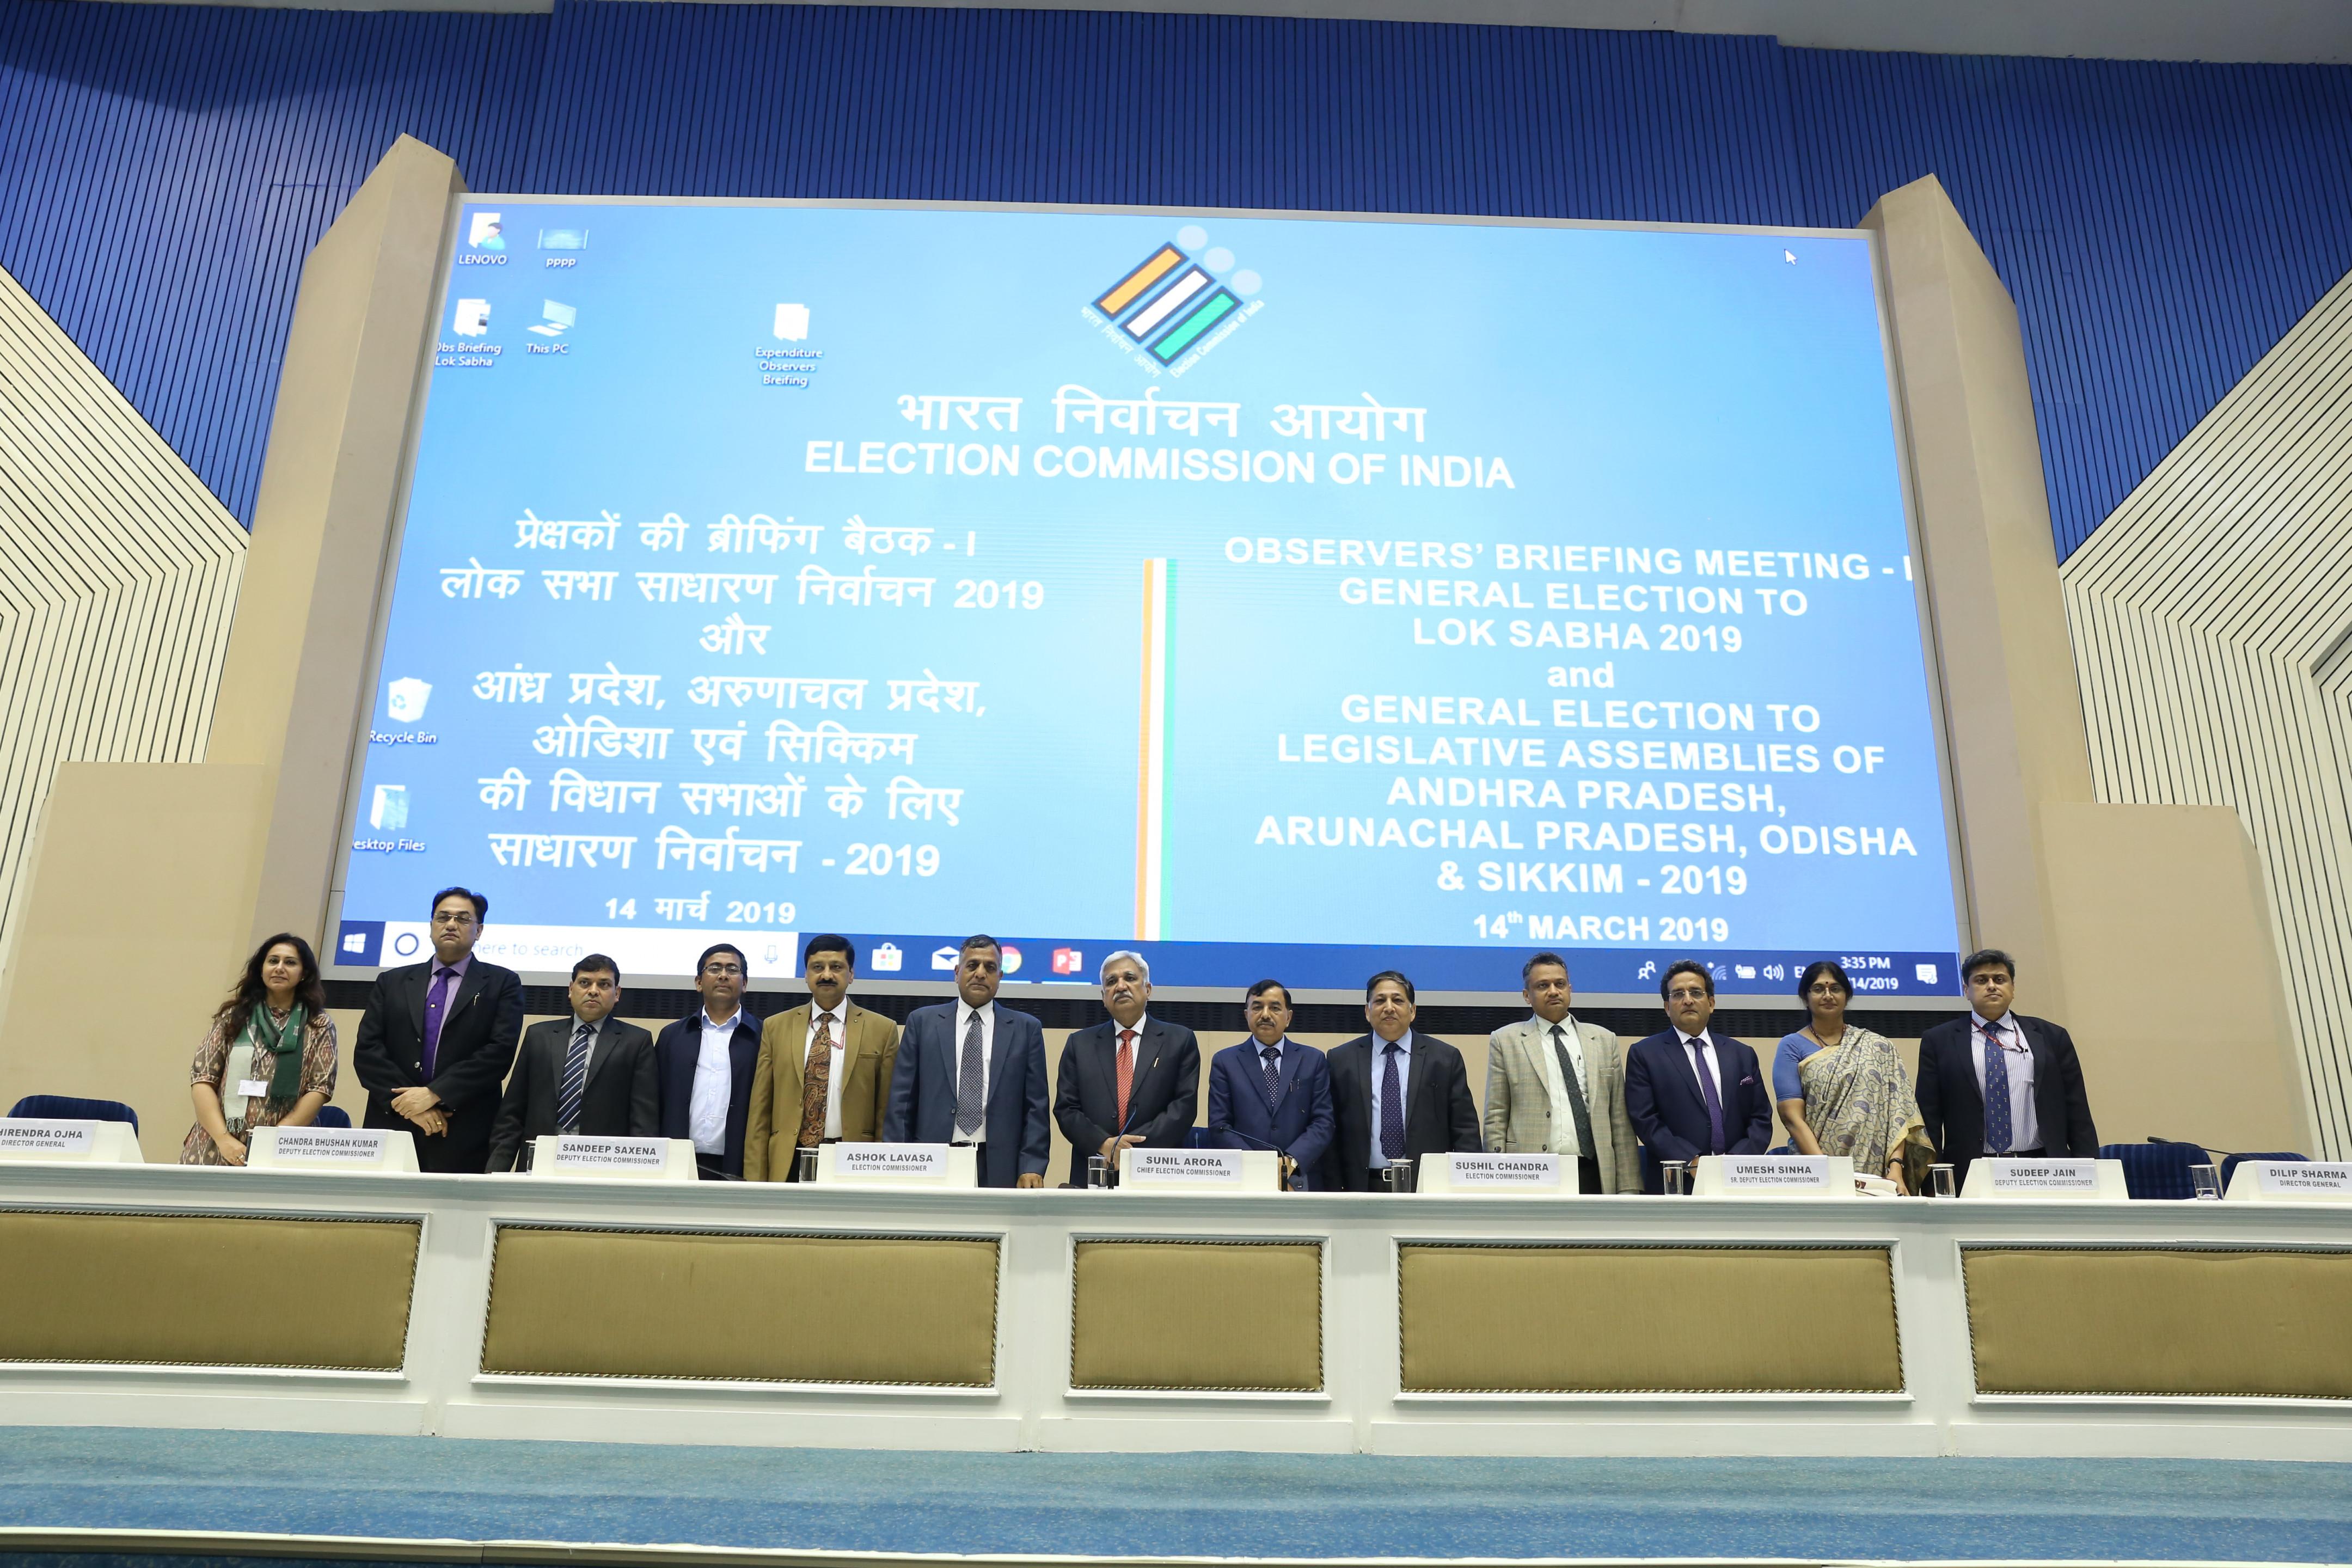 Observers' Briefing Meeting -1 GE to Lok Sabha & Legislative Assemblies, 2019